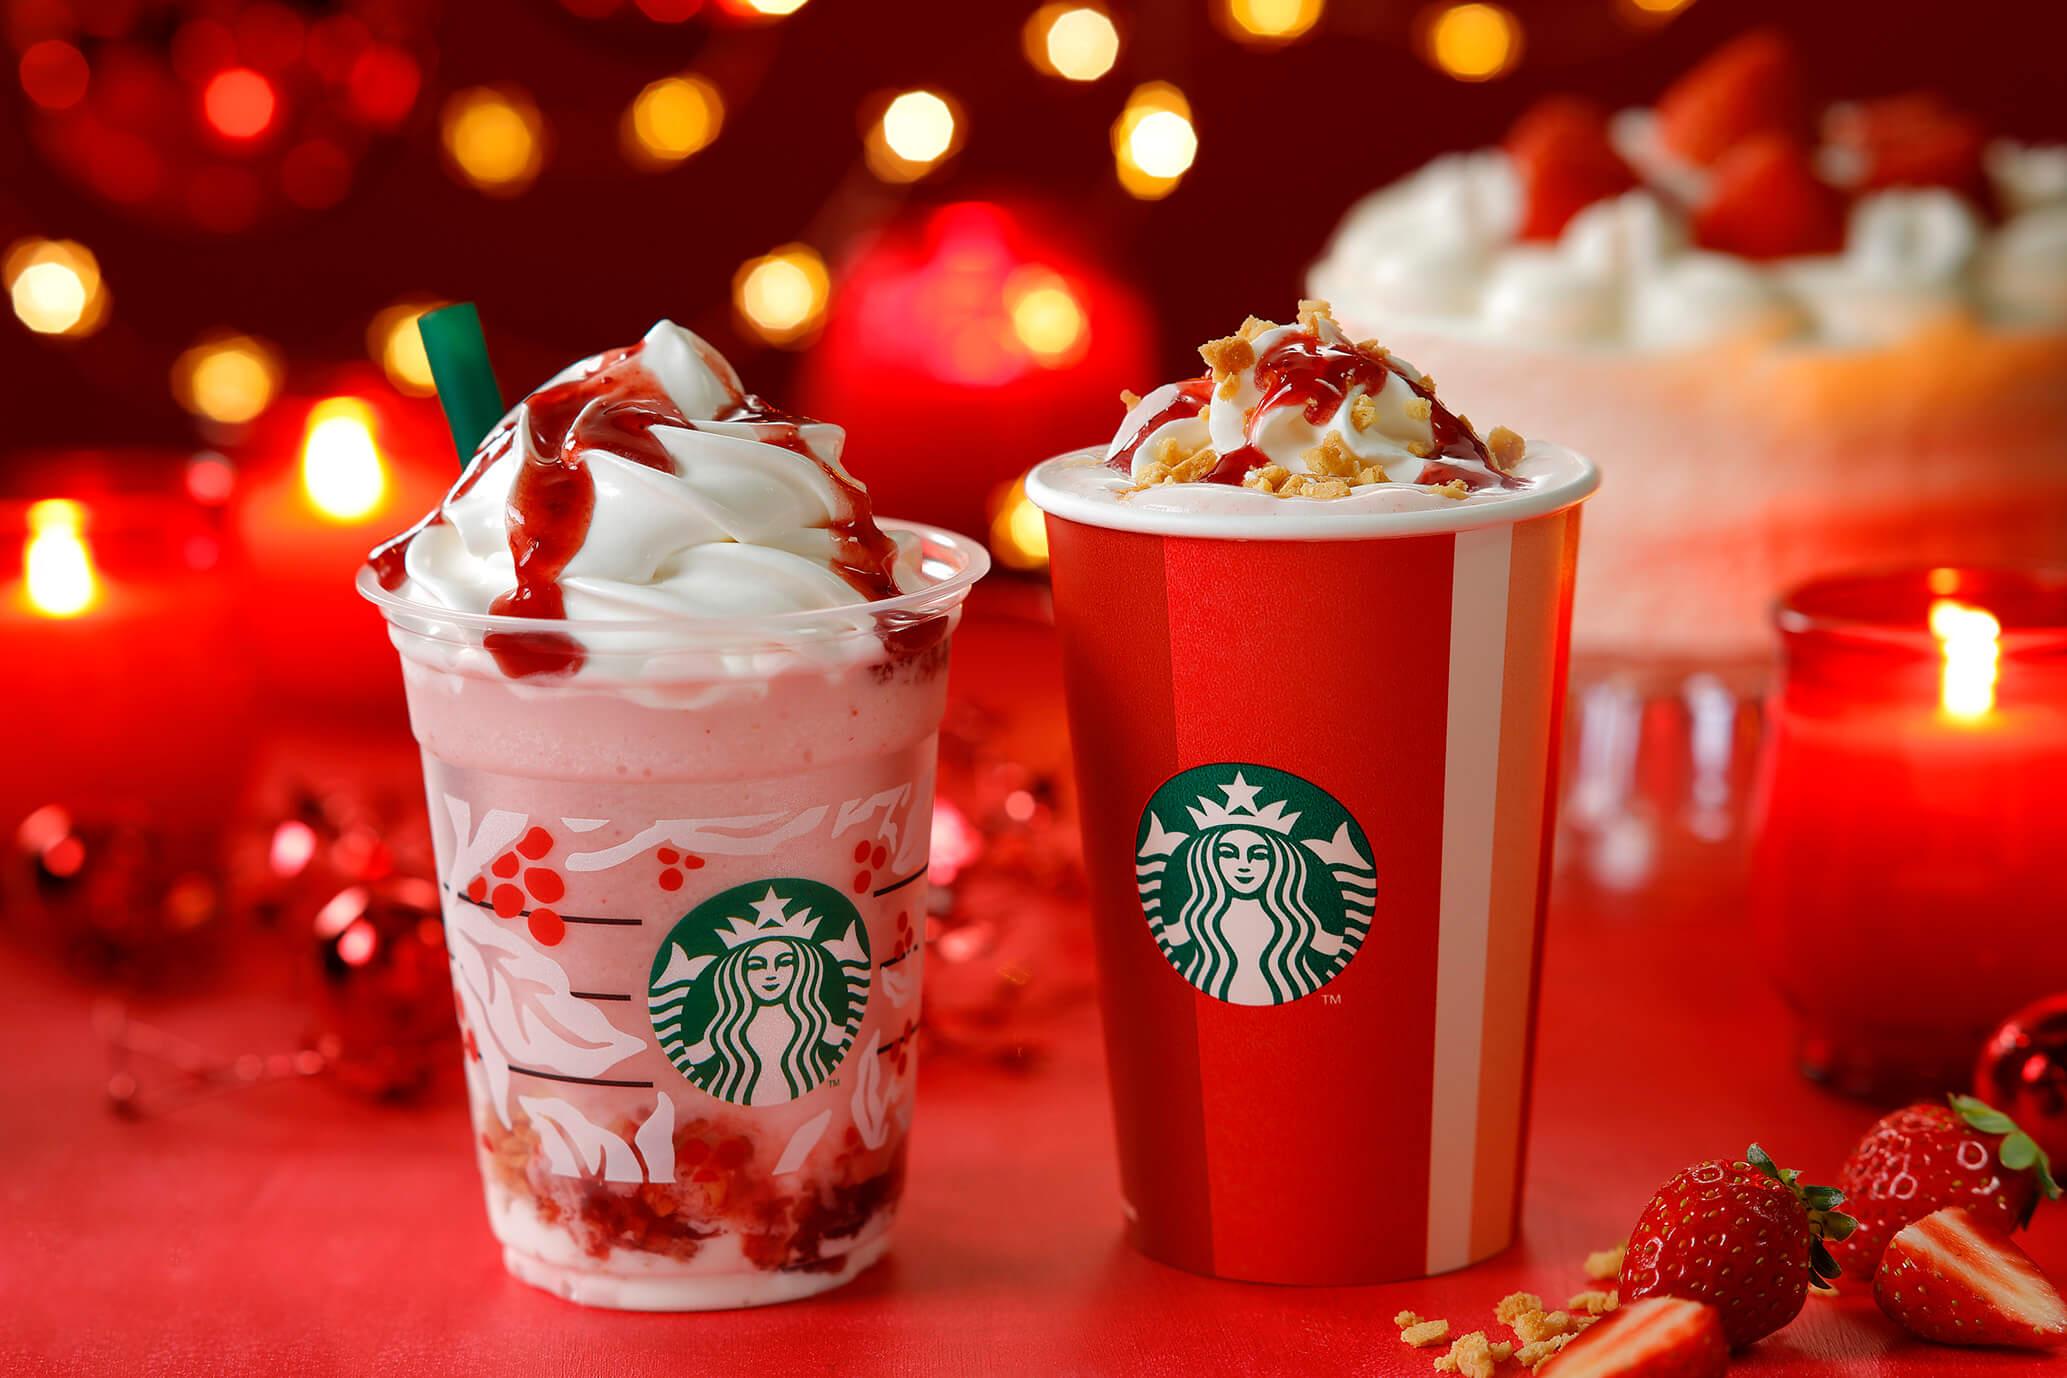 星巴克聖誕節限定草莓蛋糕星冰樂登場 星巴克、聖誕節、